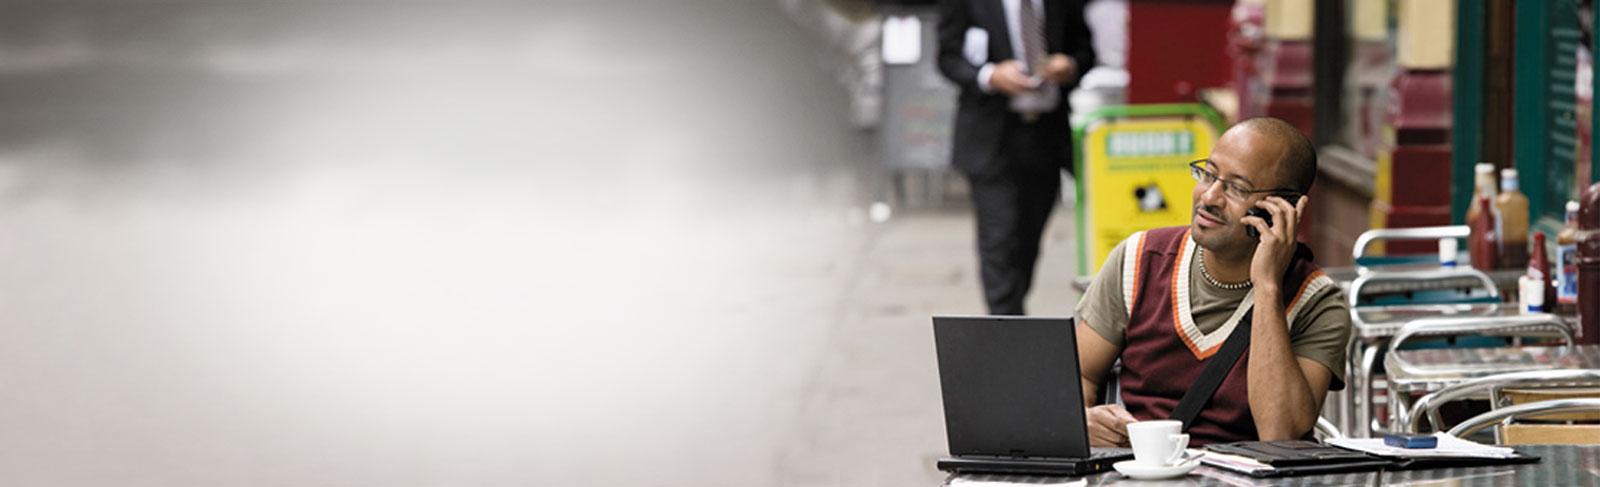 Exchange Server 2013 के माध्यम से व्यवसाय ईमेल का उपयोग करता हुआ, किसी कैफ़े में फ़ोन या लैपटॉप के साथ एक व्यक्ति.